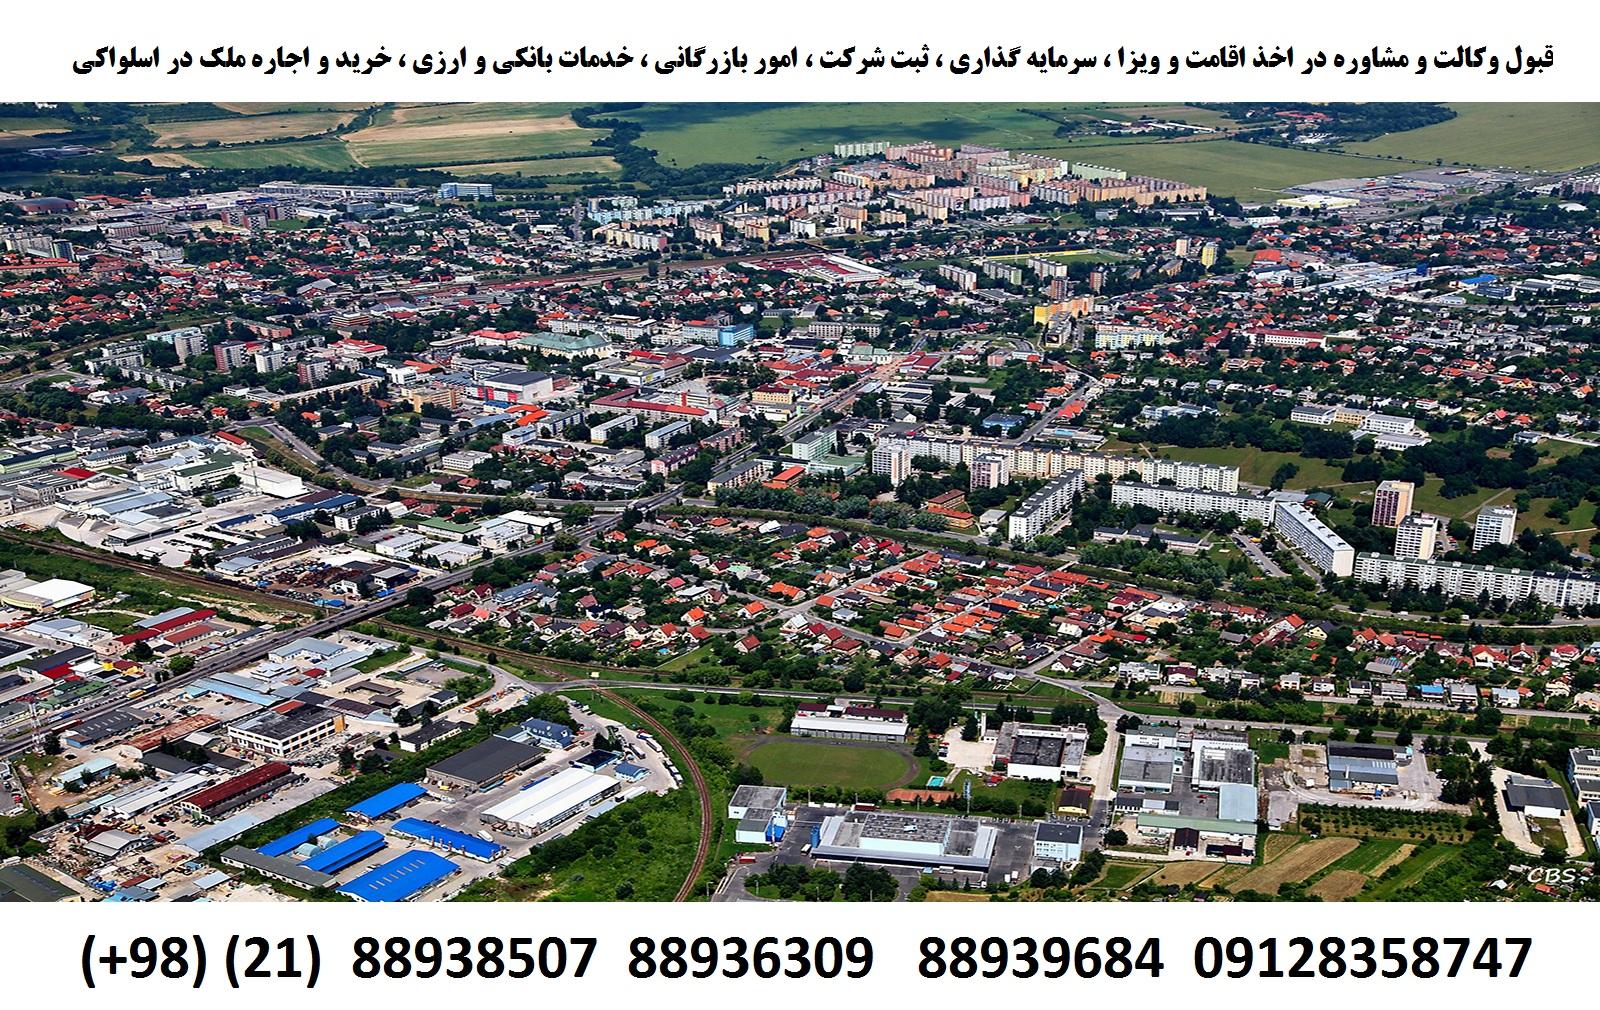 اقامت ، اخذ ویزا ، ثبت شرکت ، سرمایه گذاری در اسلواکی (5)